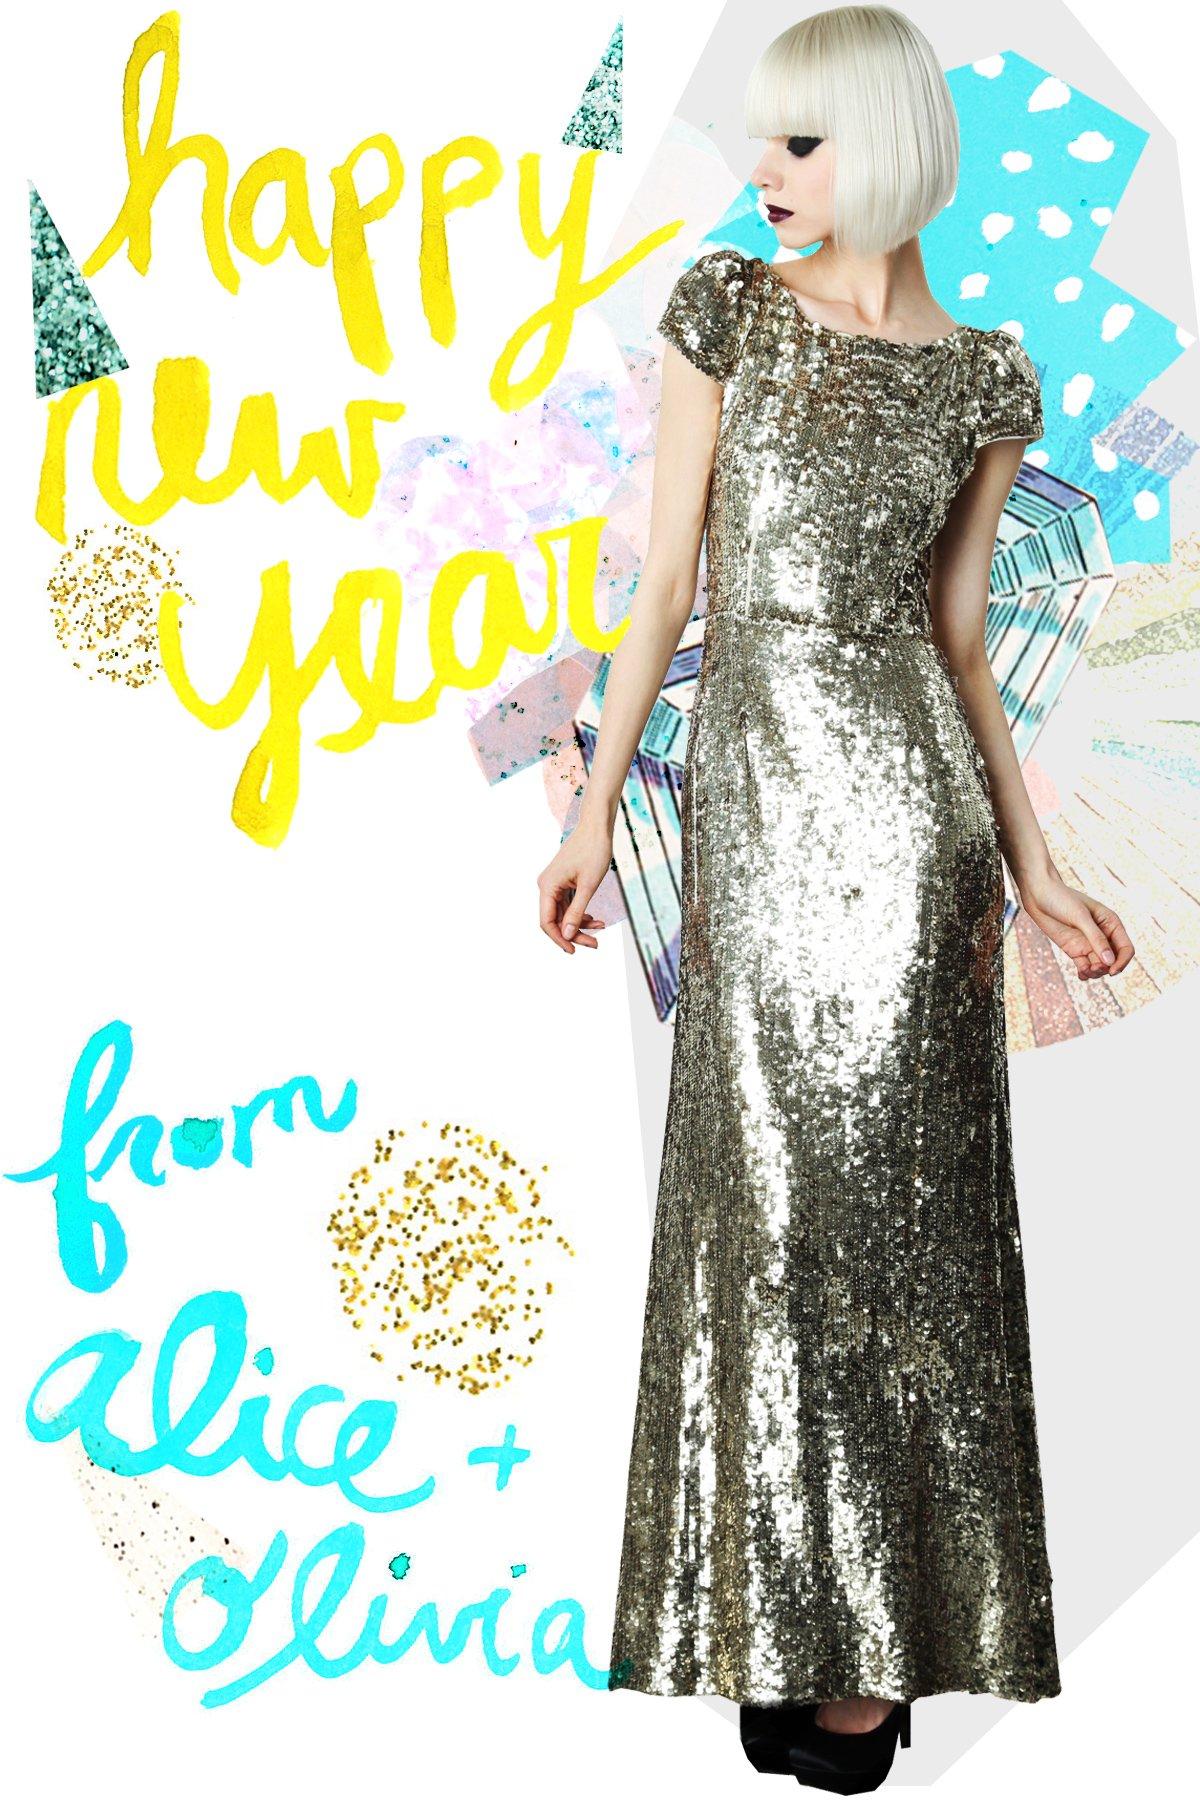 Happy New Year from Alice + Olivia